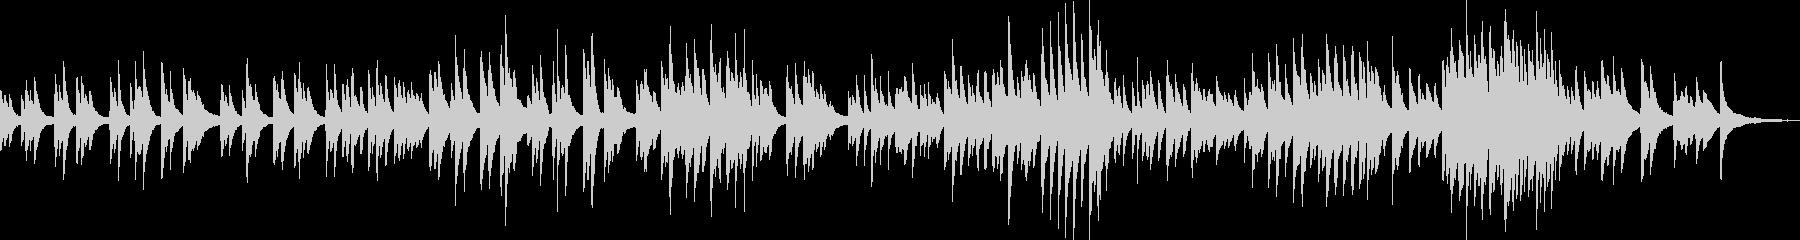 王道の感動的なピアノバラードの未再生の波形